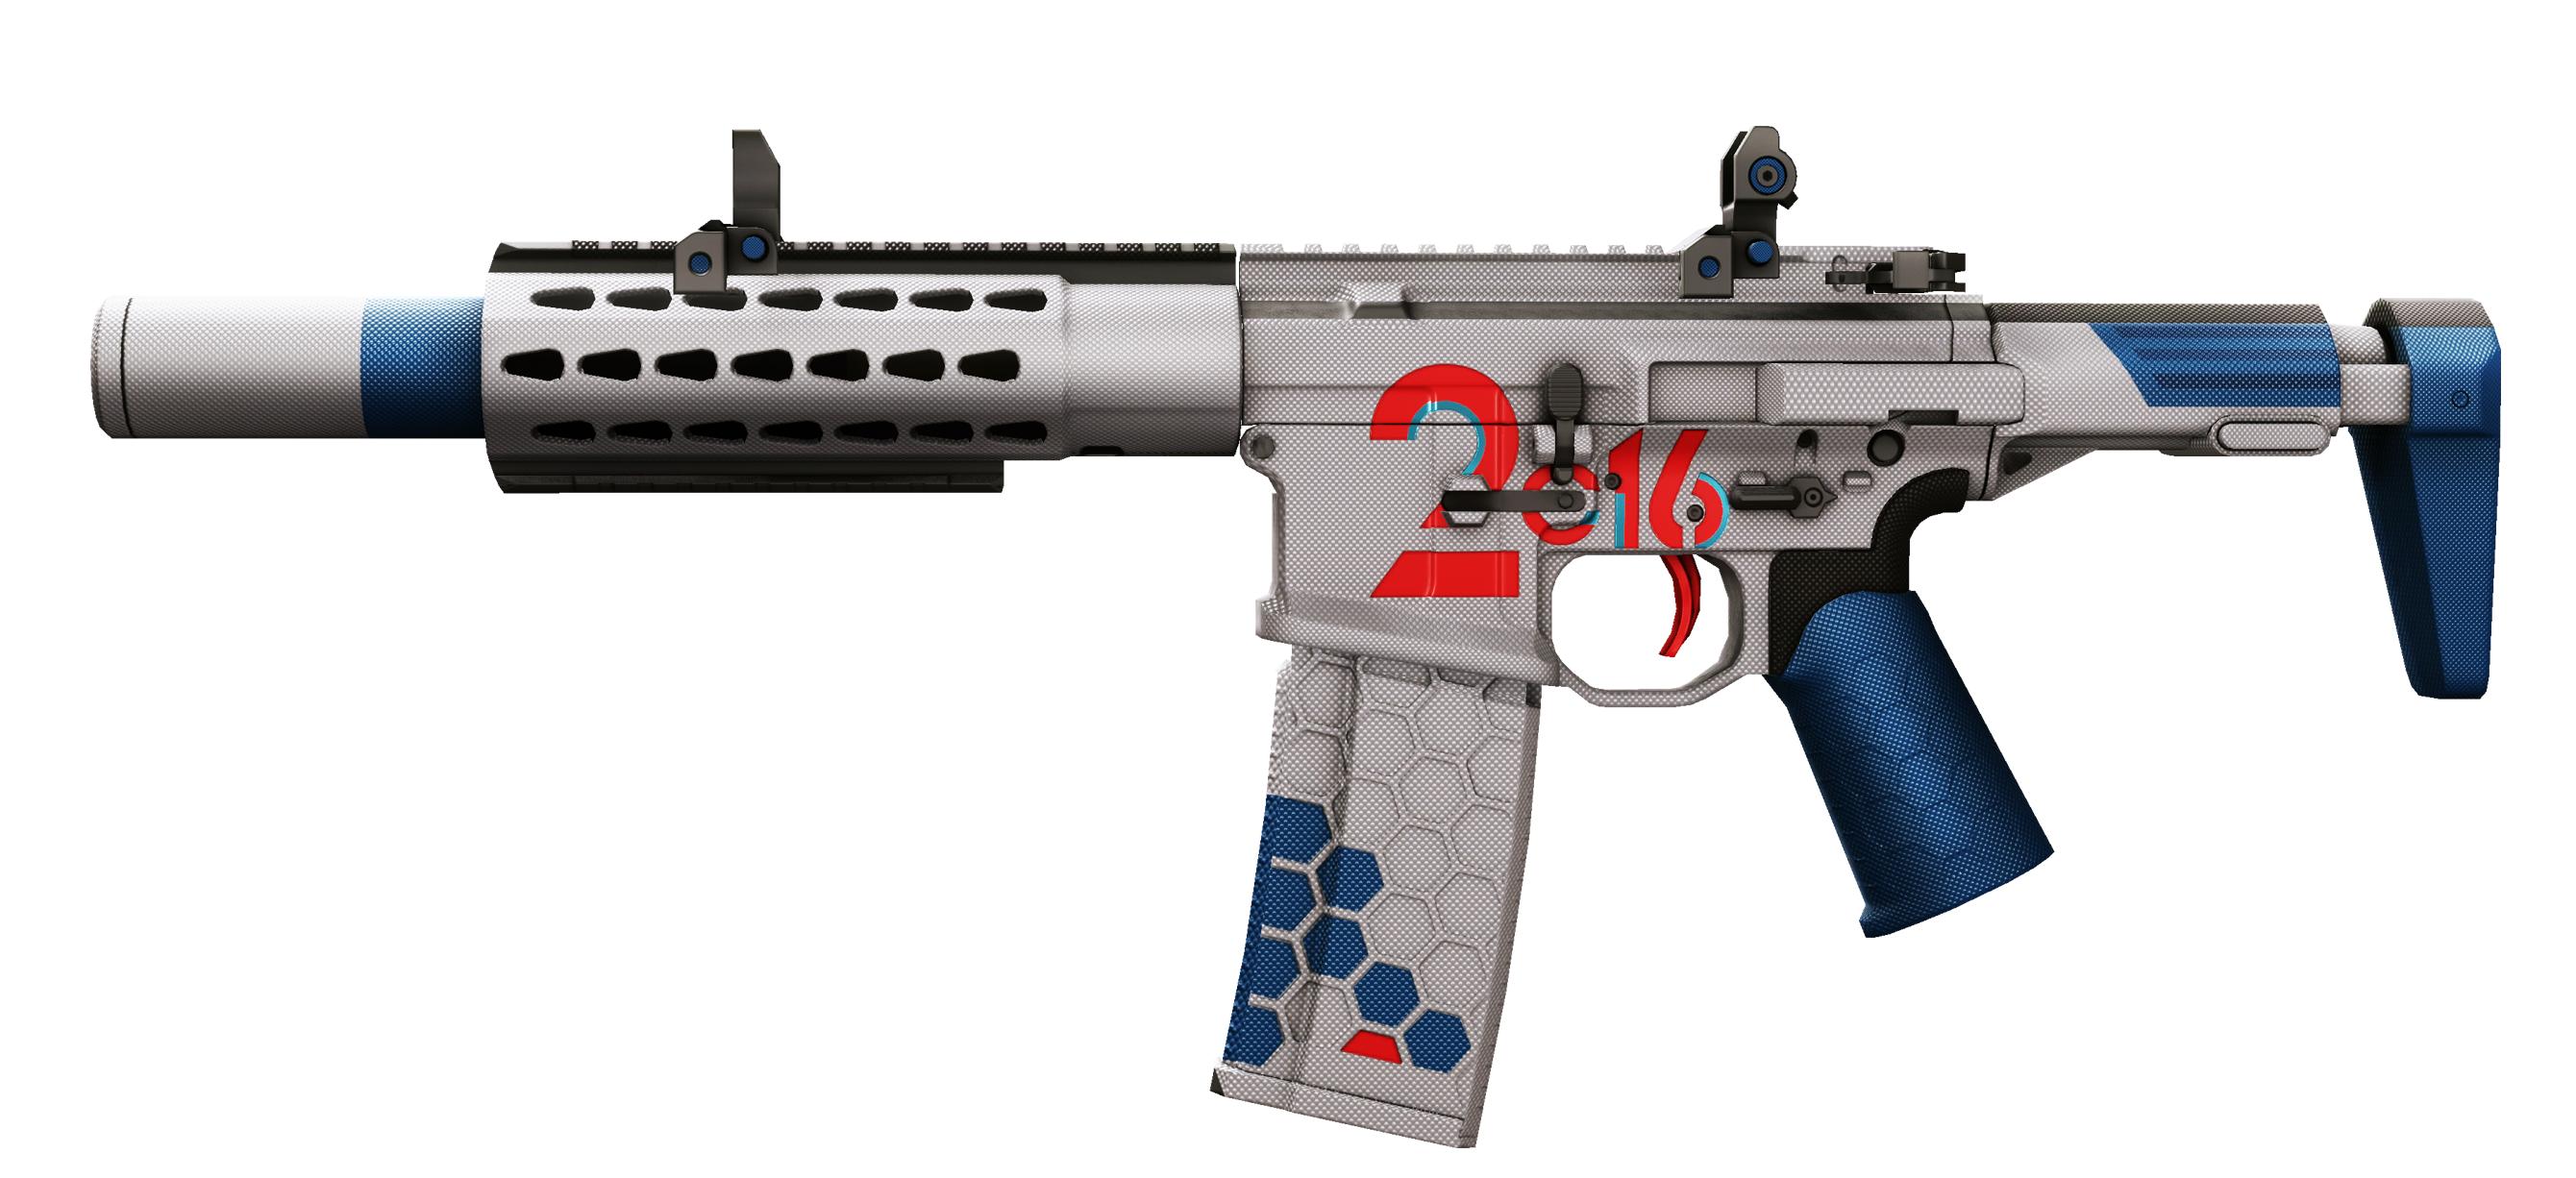 smg33 ec01